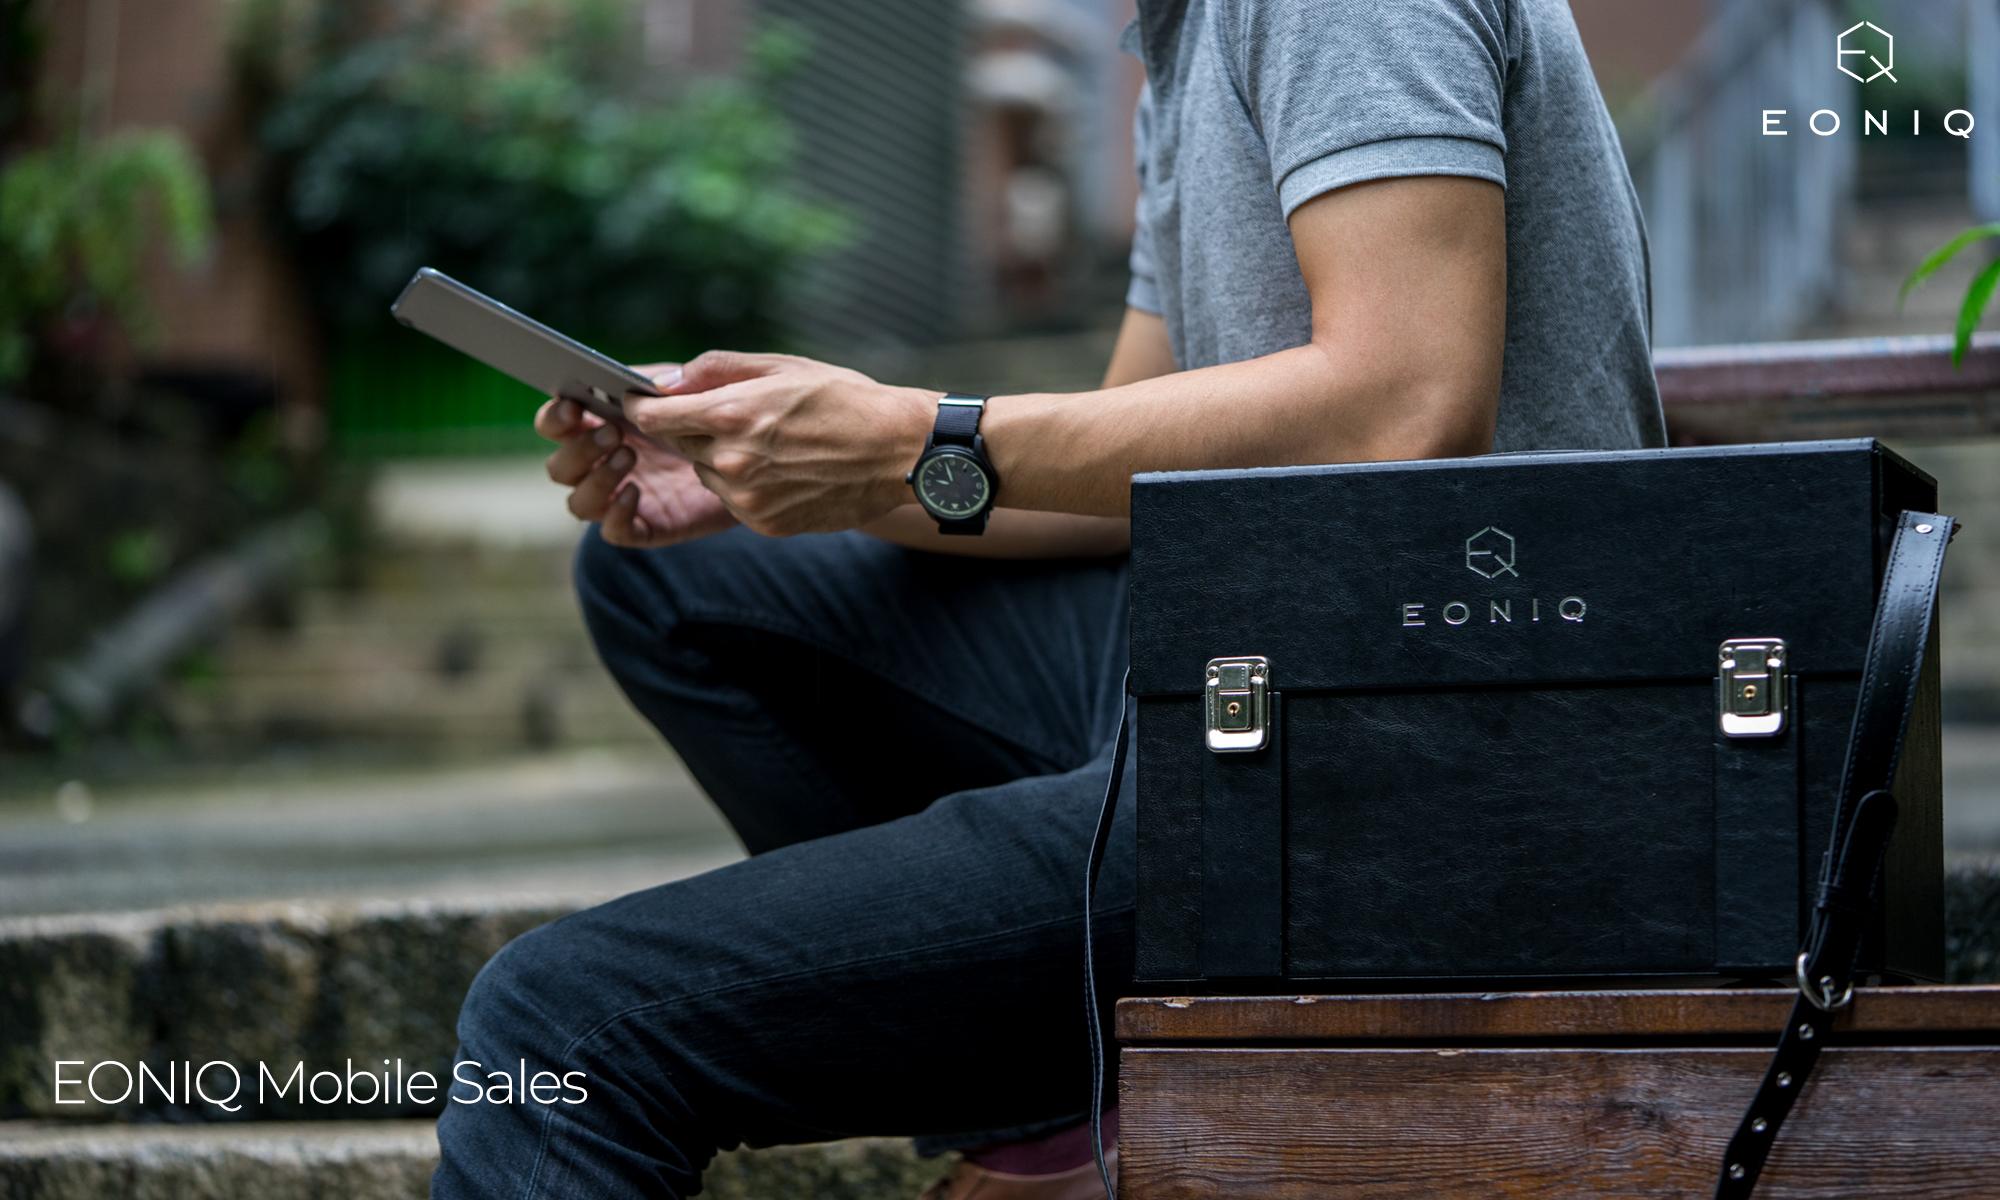 Mobile-sales-main.jpg